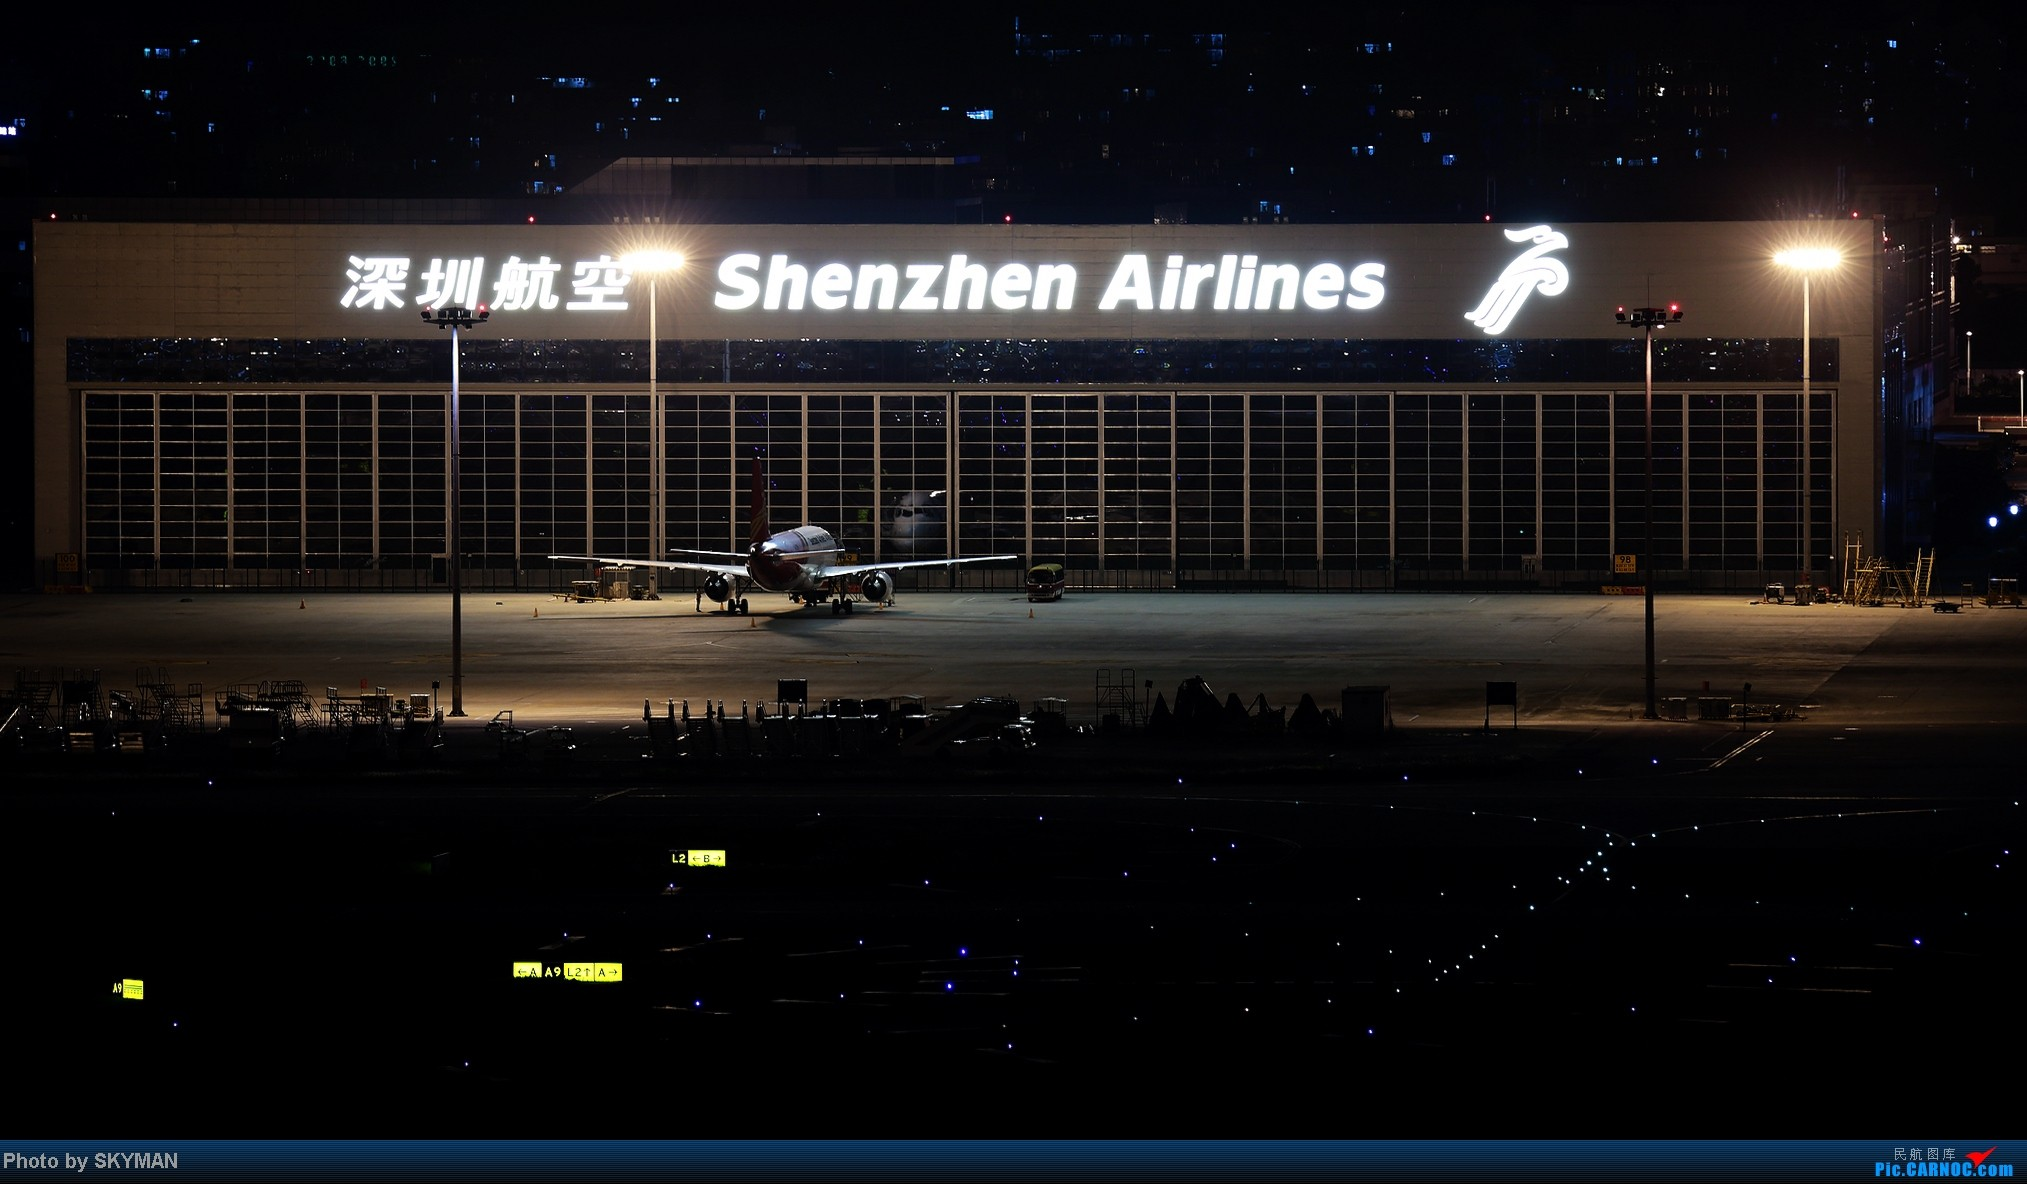 [原创]臭美得不行啊 撅个屁股在那照了一晚上镜子    中国深圳宝安机场